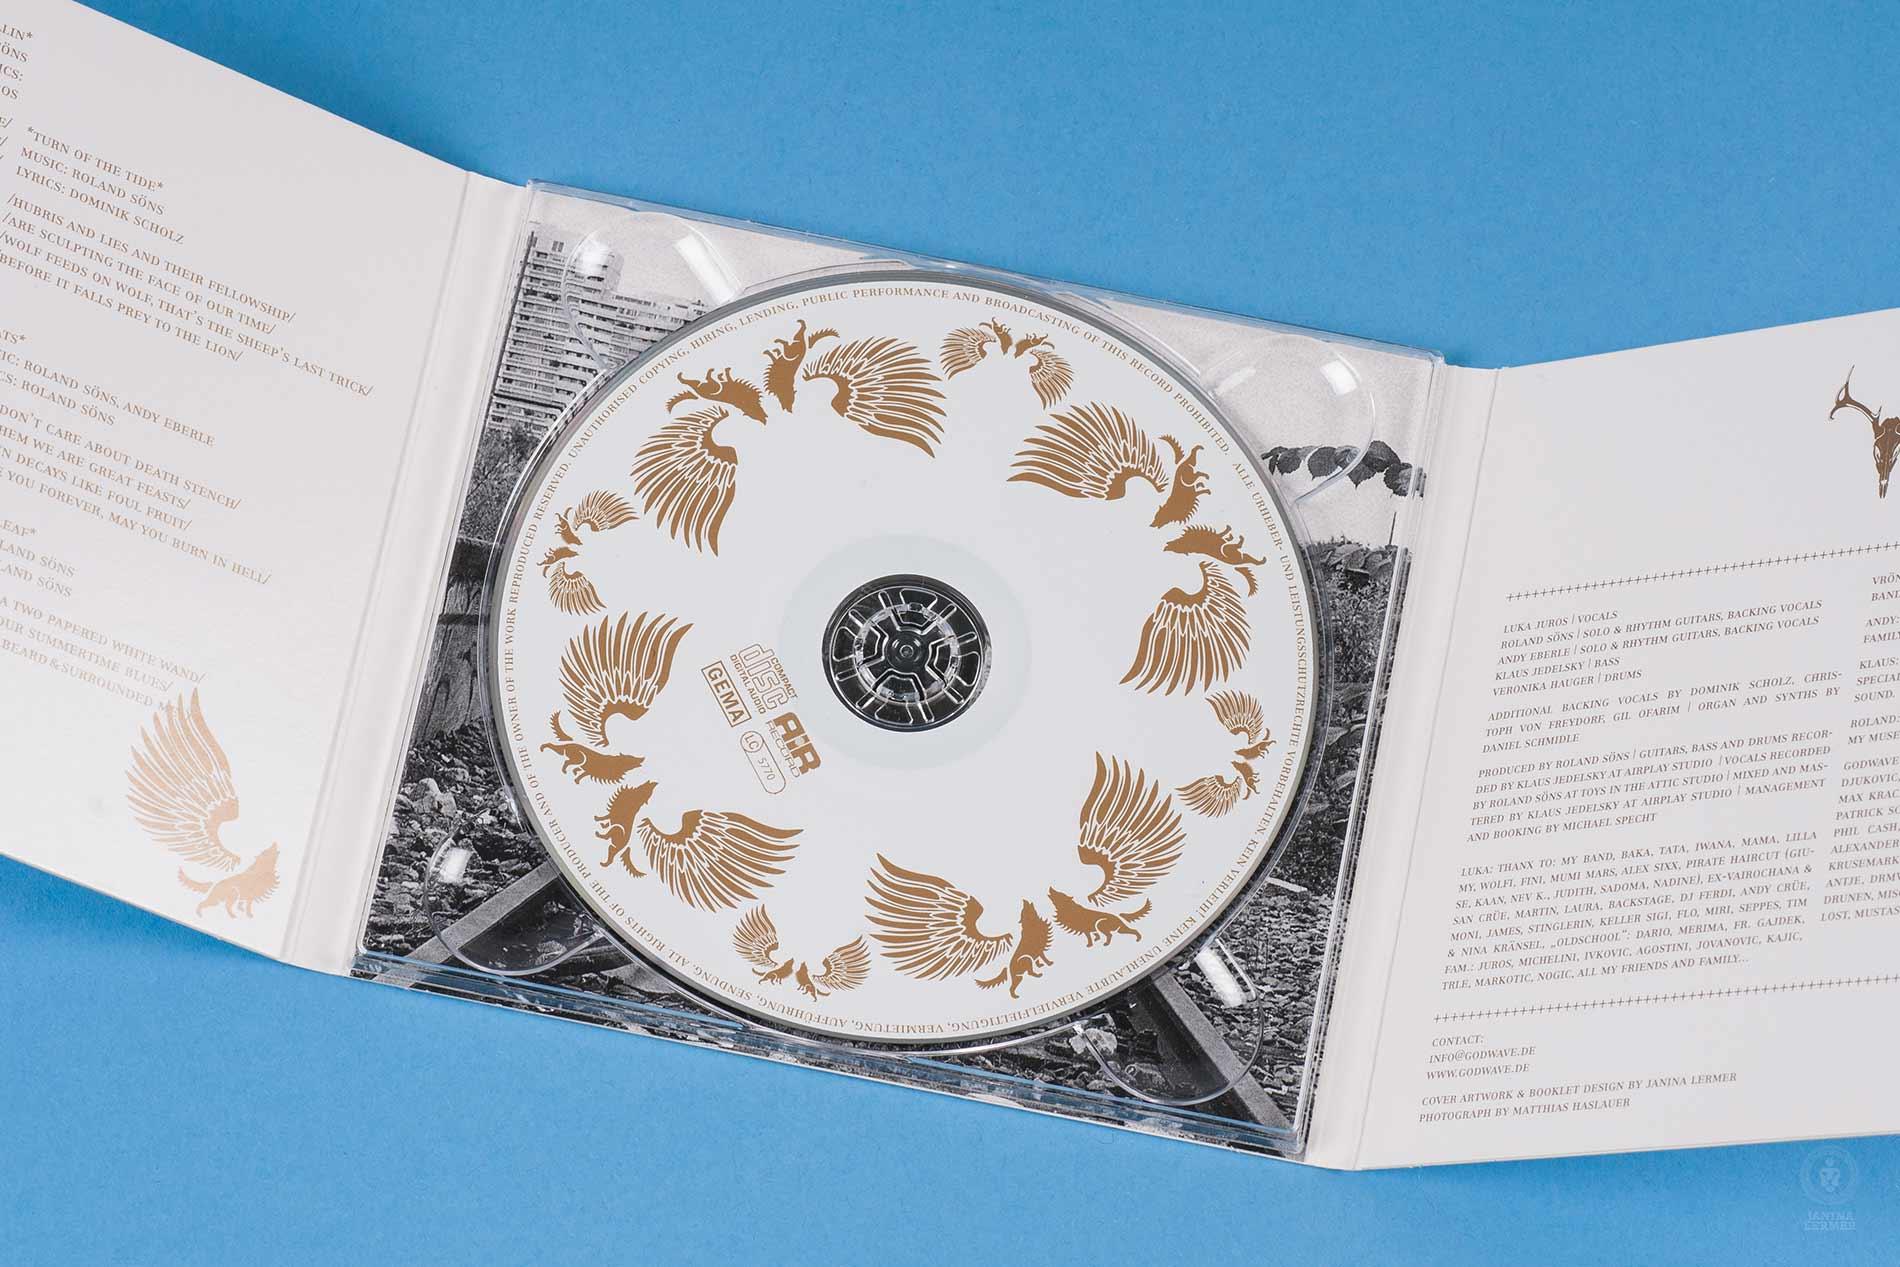 Janina-Lermer-Verpackungsgestaltung-Packagingdesign-CD-Cover-Open-Band-Godwave